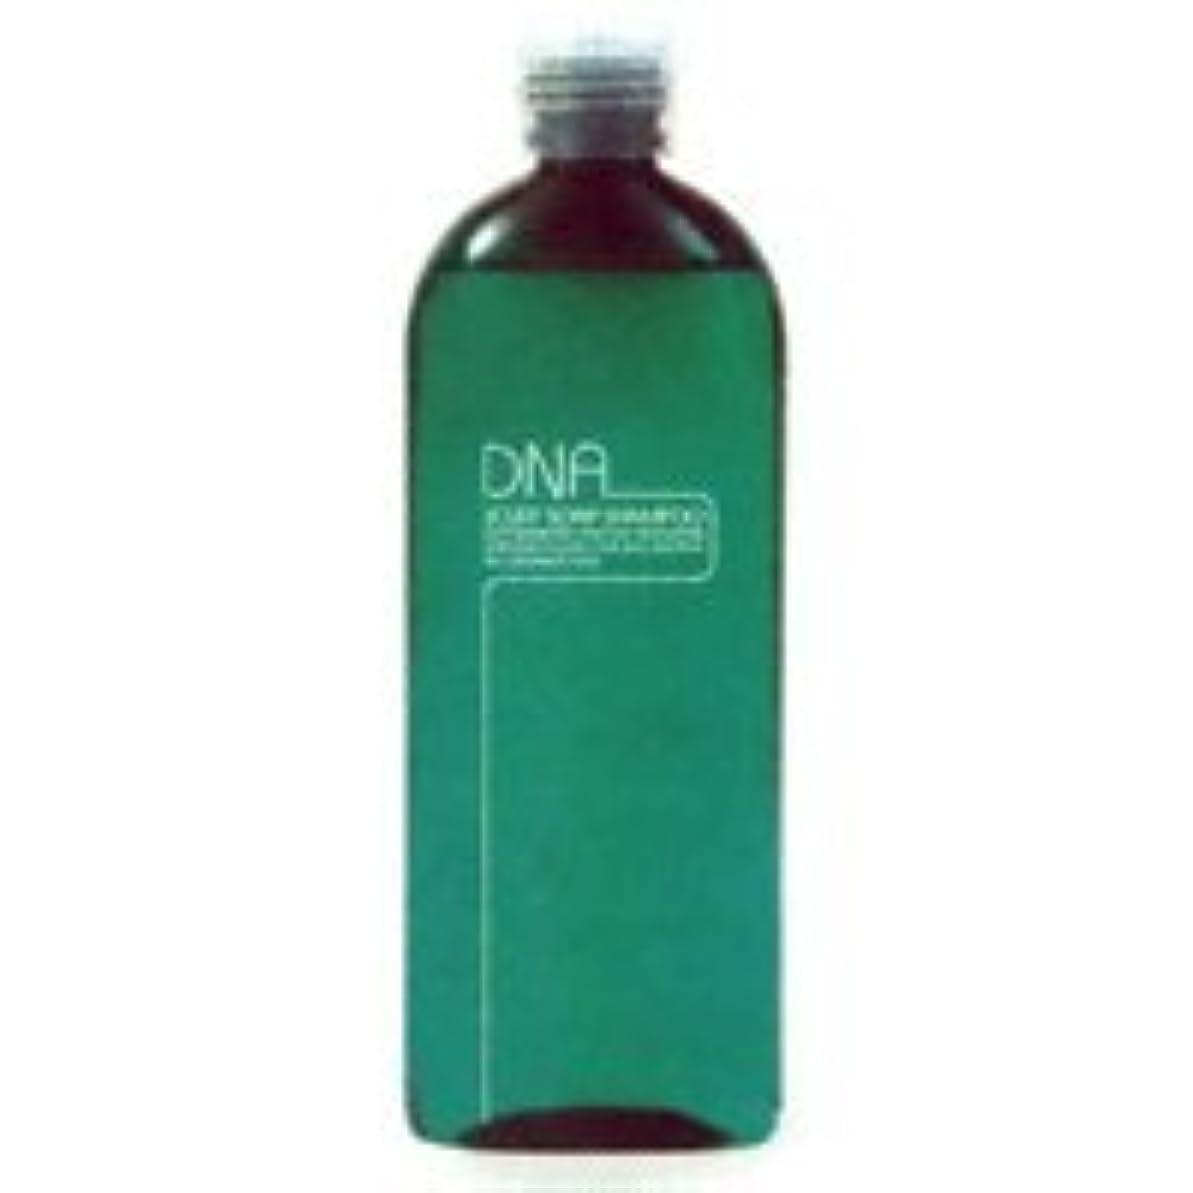 夕暮れ黒屈辱するハツモール ビューティ スカーフソープ DNAシャンプー 350ml/薄毛、抜け毛が気になる方のための低刺激、弱酸性シャンプー